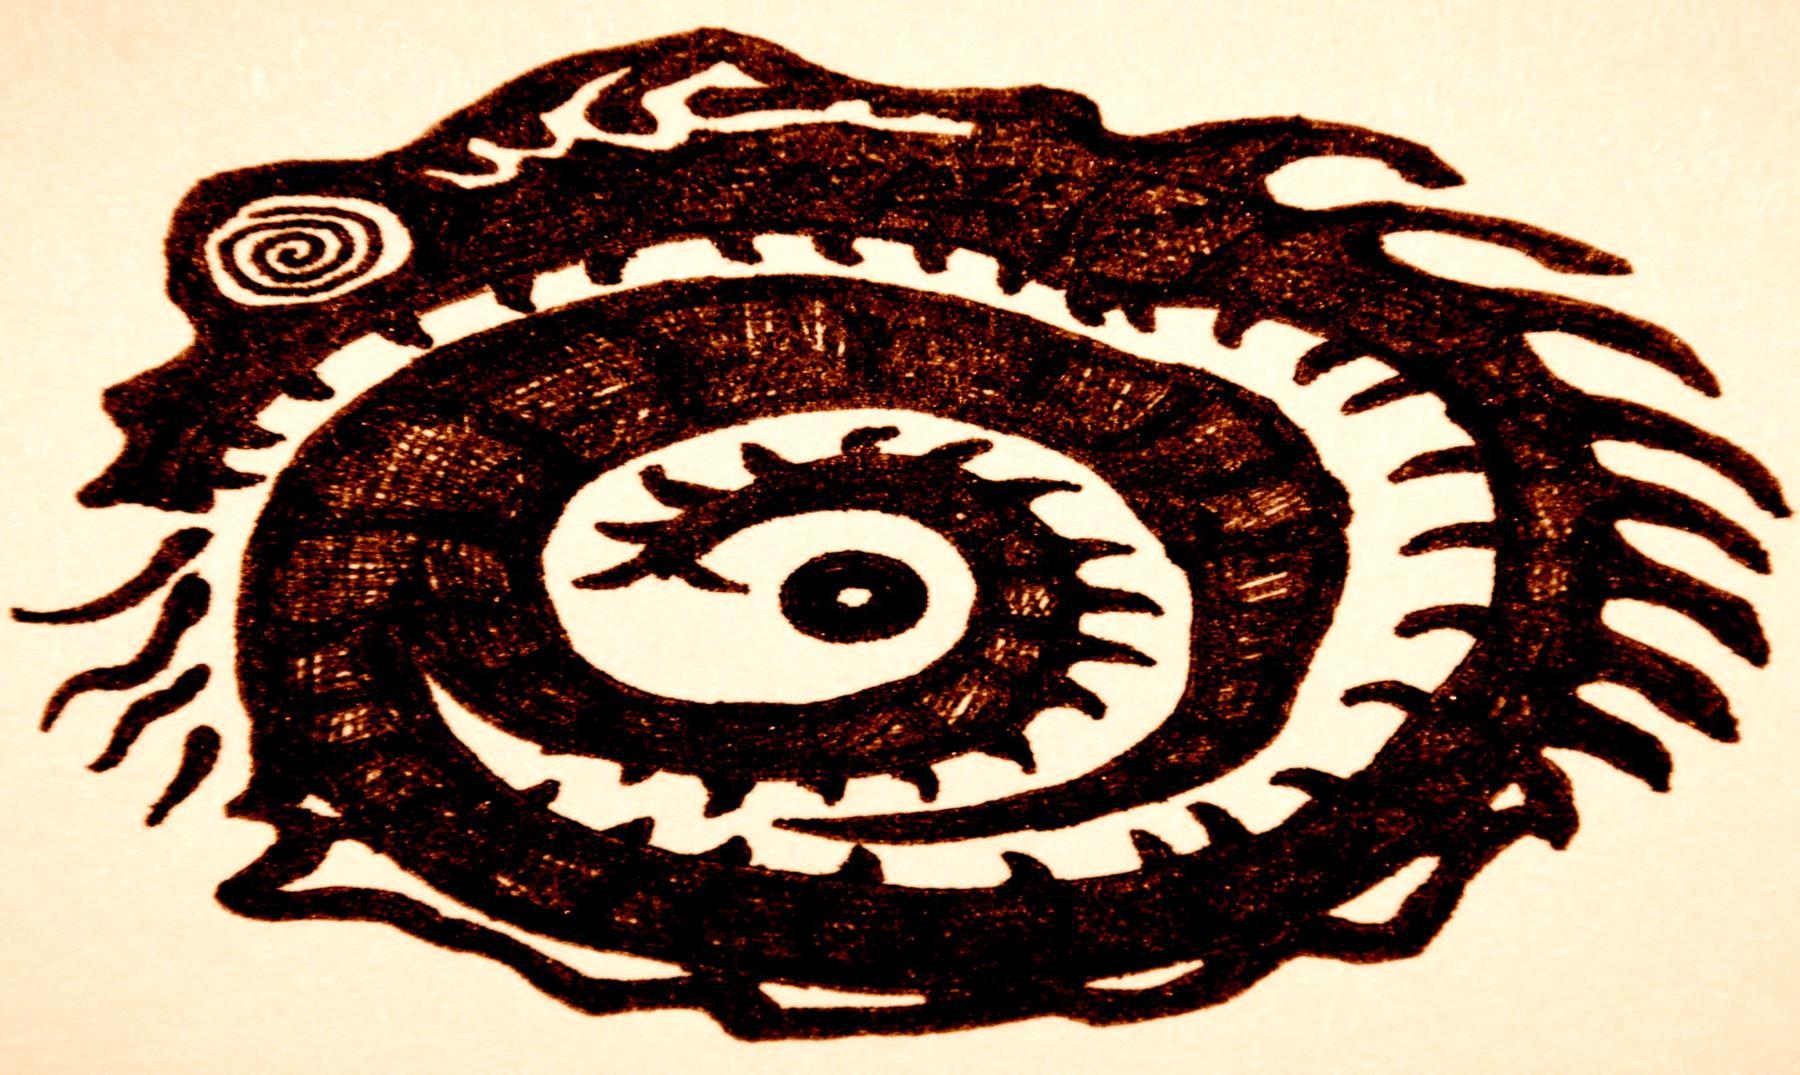 uróboros símbolo del eterno retorno y la continuidad de la vida